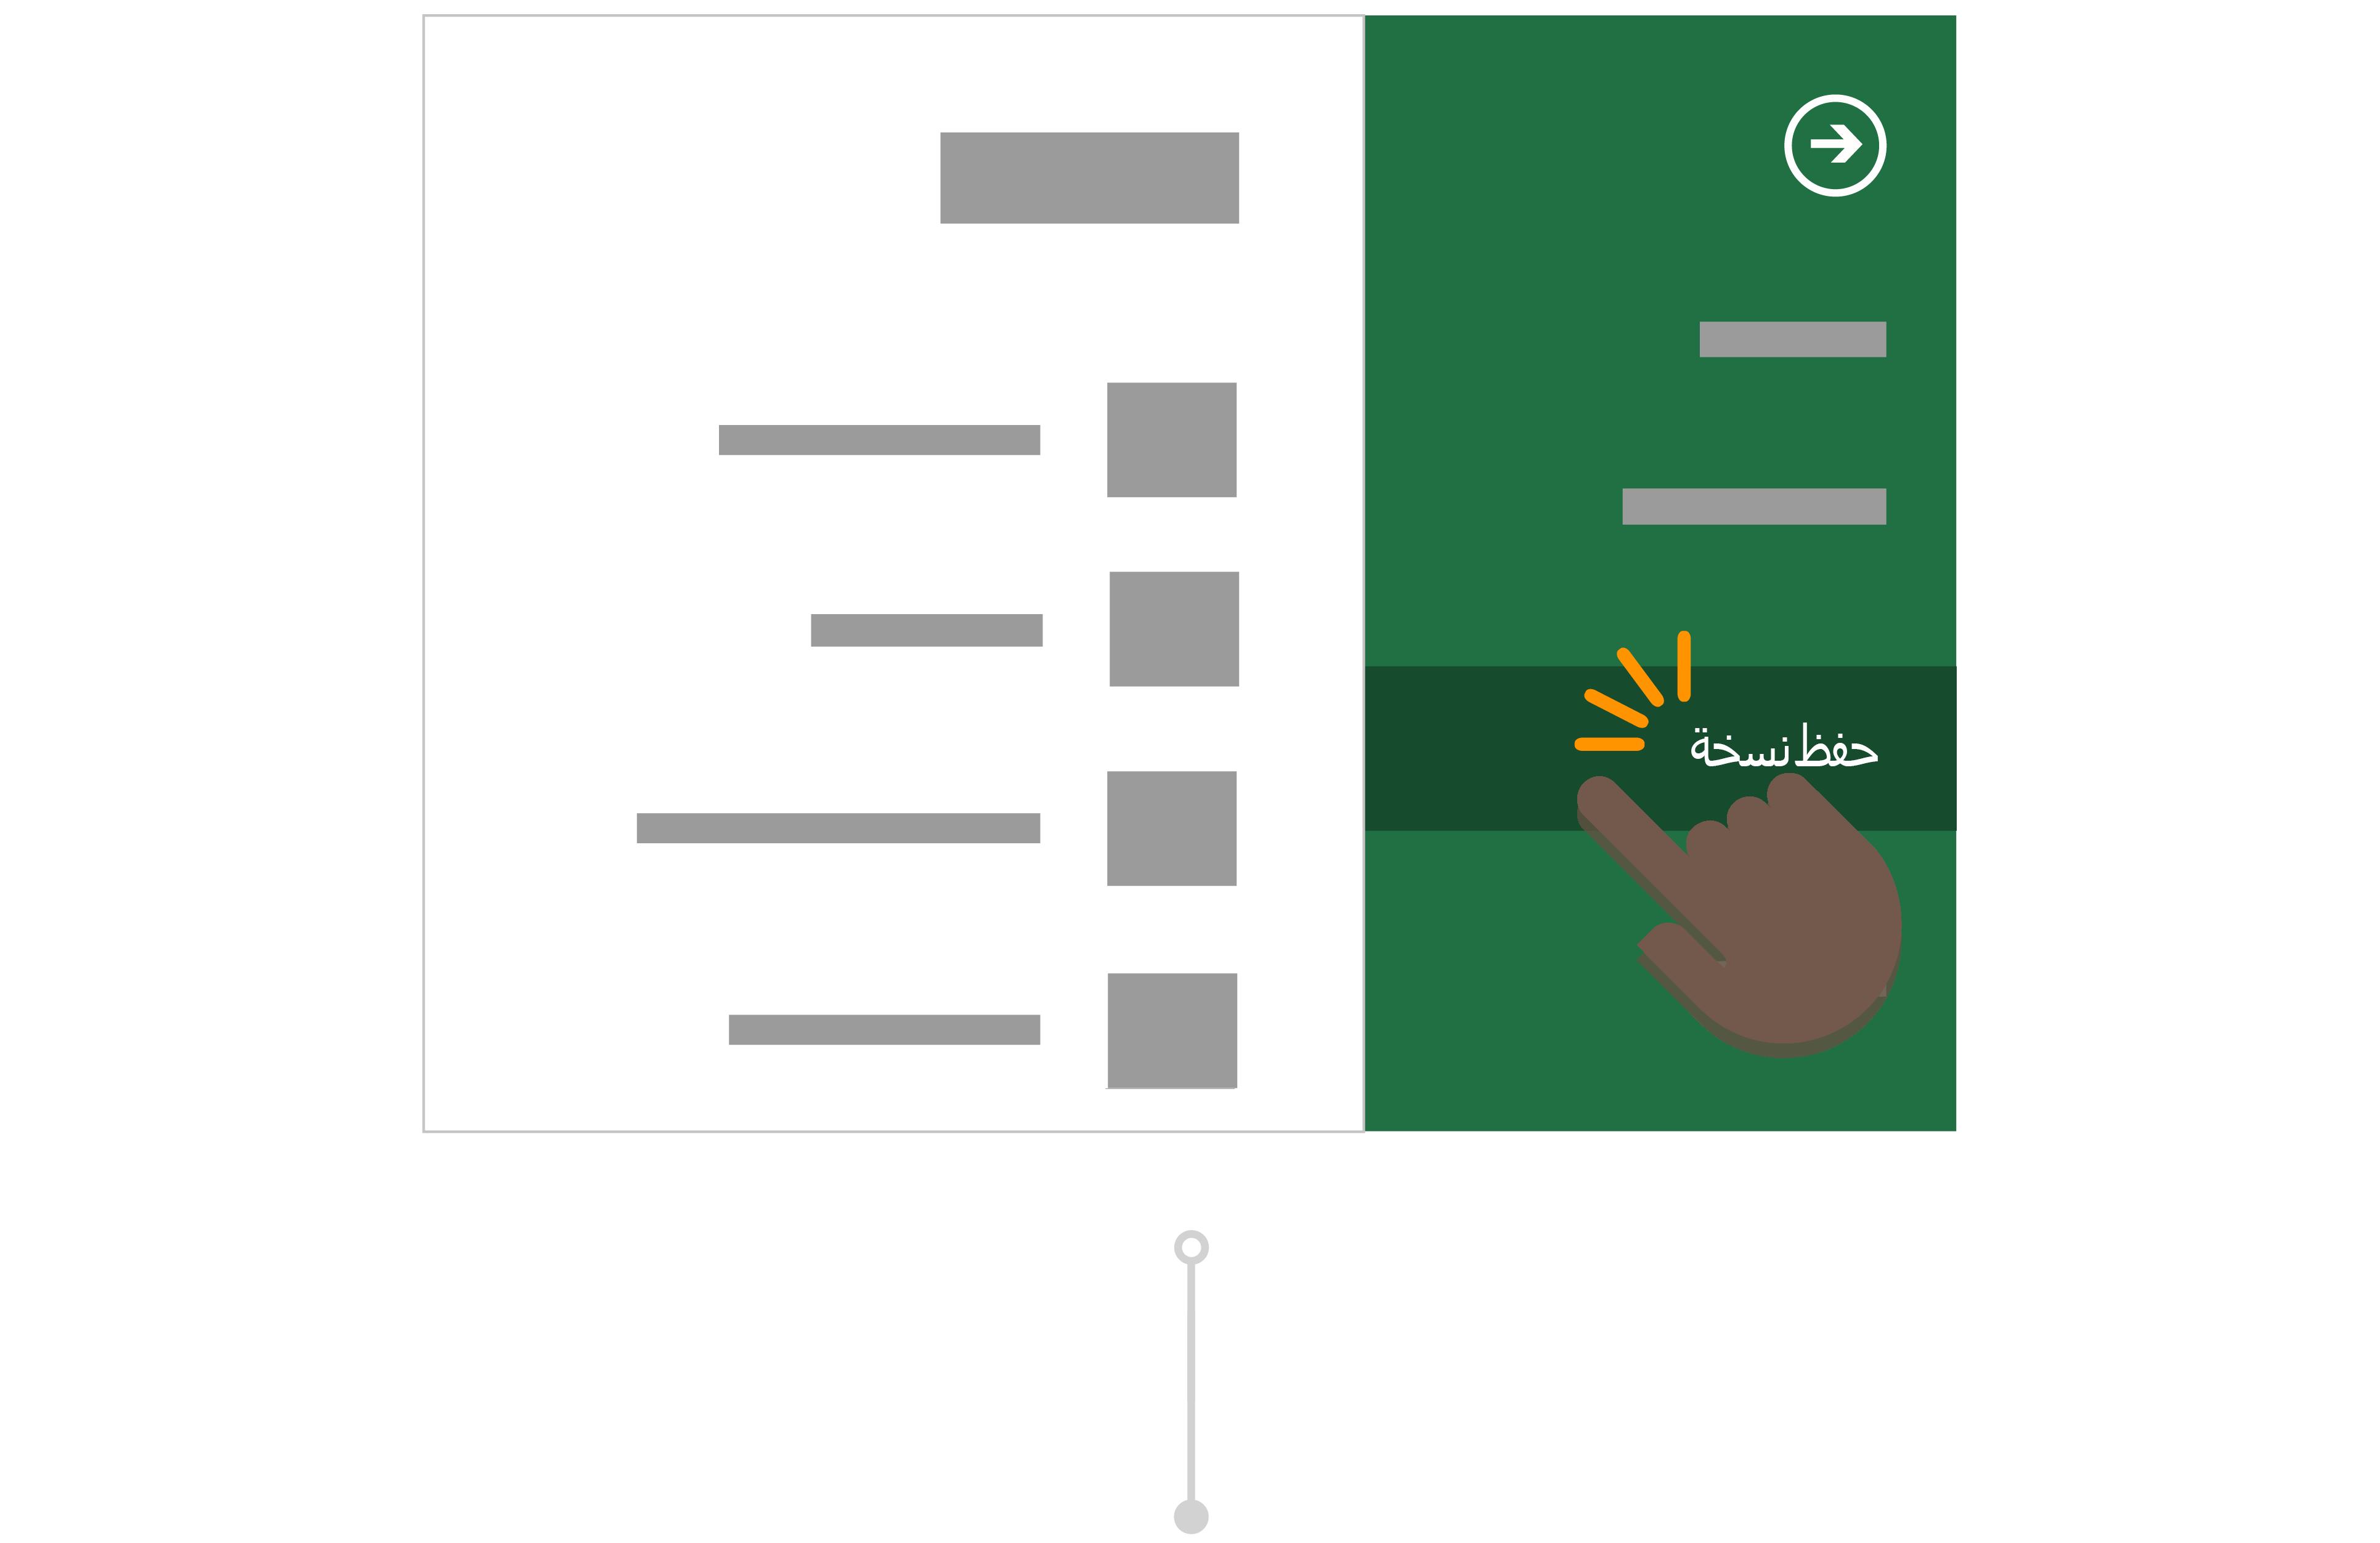 يستخدم تود حفظ نسخه لحفظ إصدار التقرير الخاص به في OneDrive الخاص به.